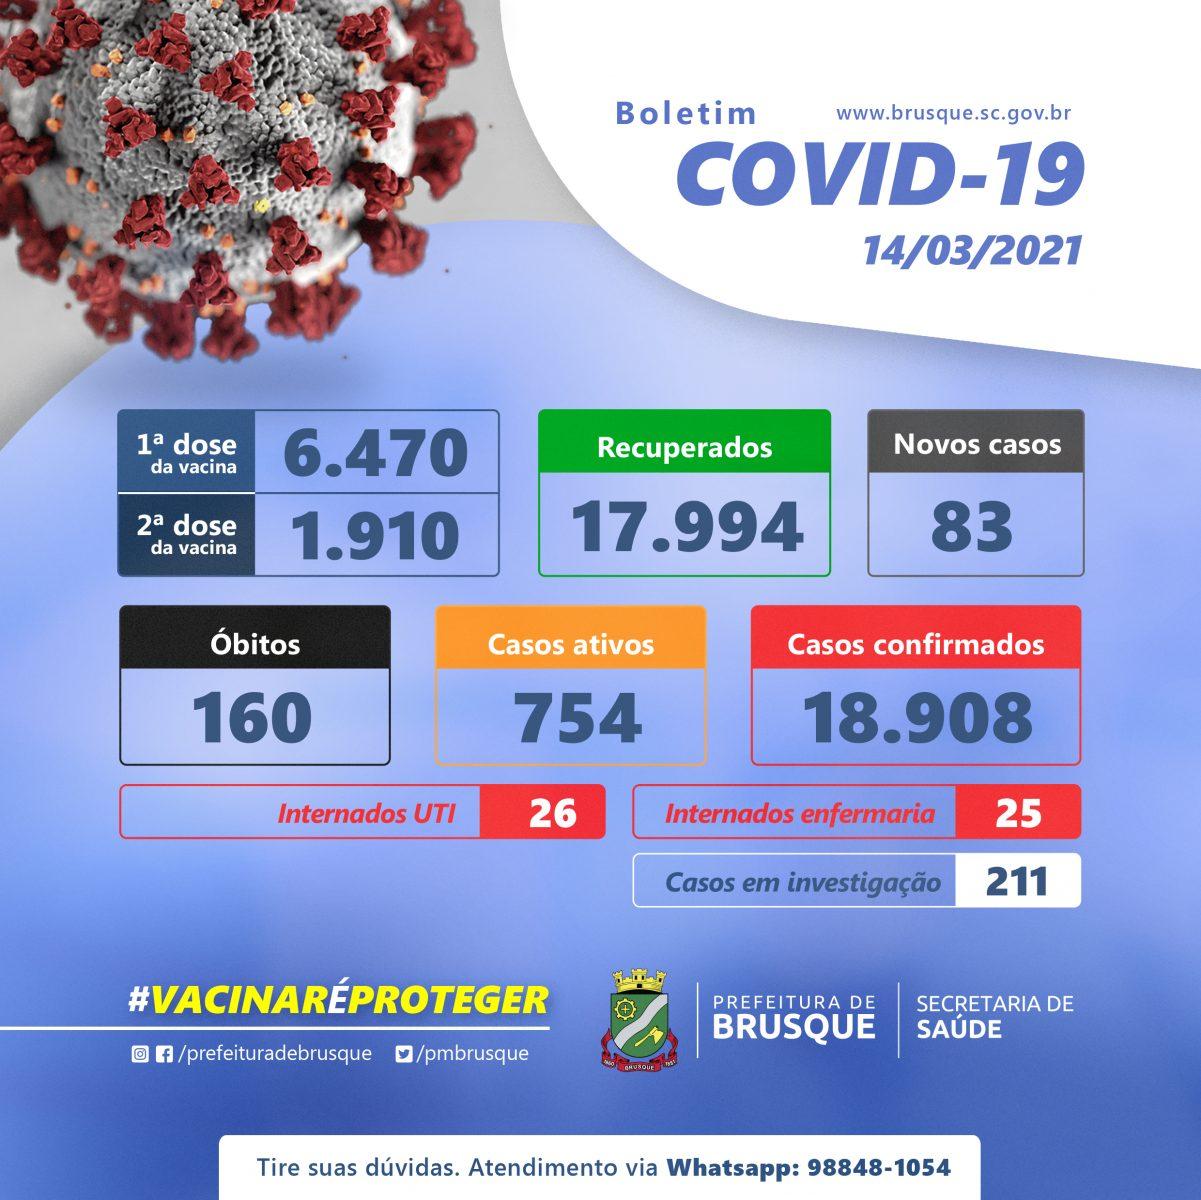 Covid-19: Confira o boletim epidemiológico deste domingo (14)